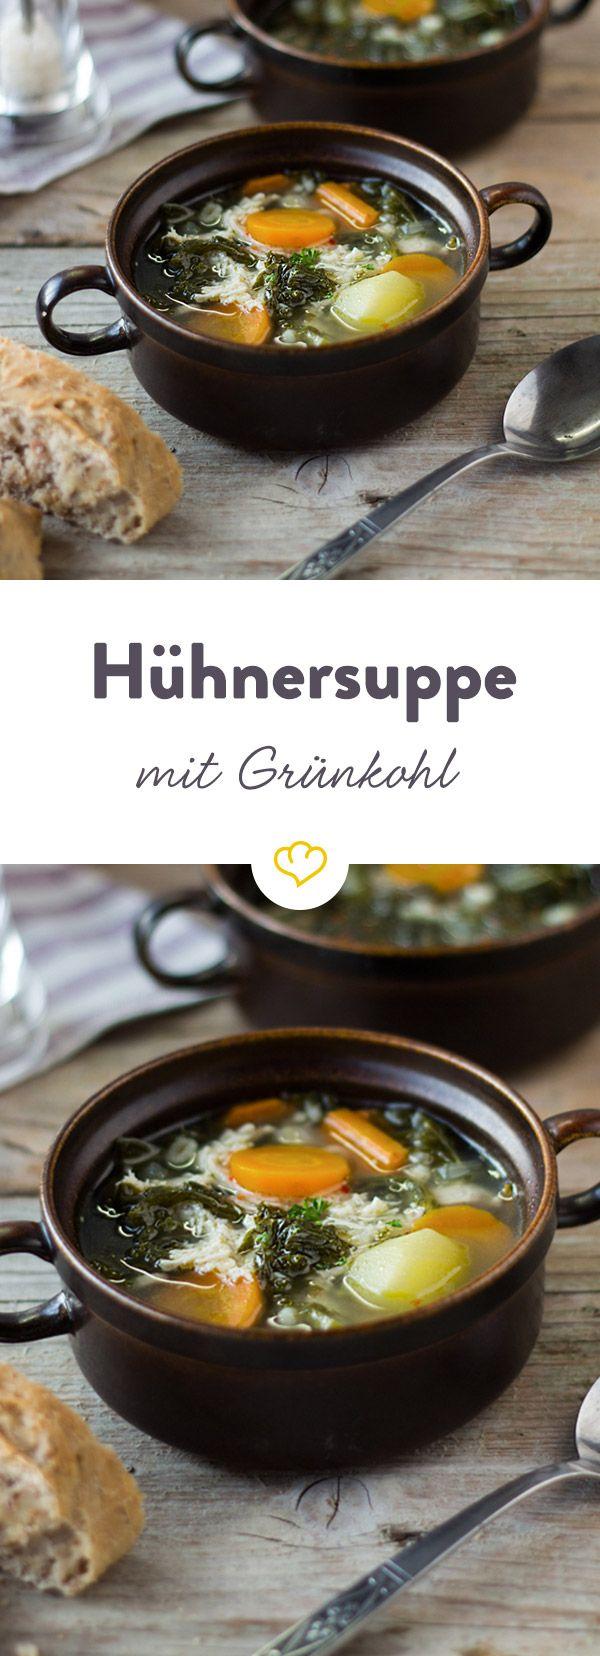 Für kalte, stürmische Tage ist diese Suppe genau das Richtige. Sie wärmt von innen, tut der Gesundheit richtig gut und schmeckt aufgewärmt sogar noch besser!